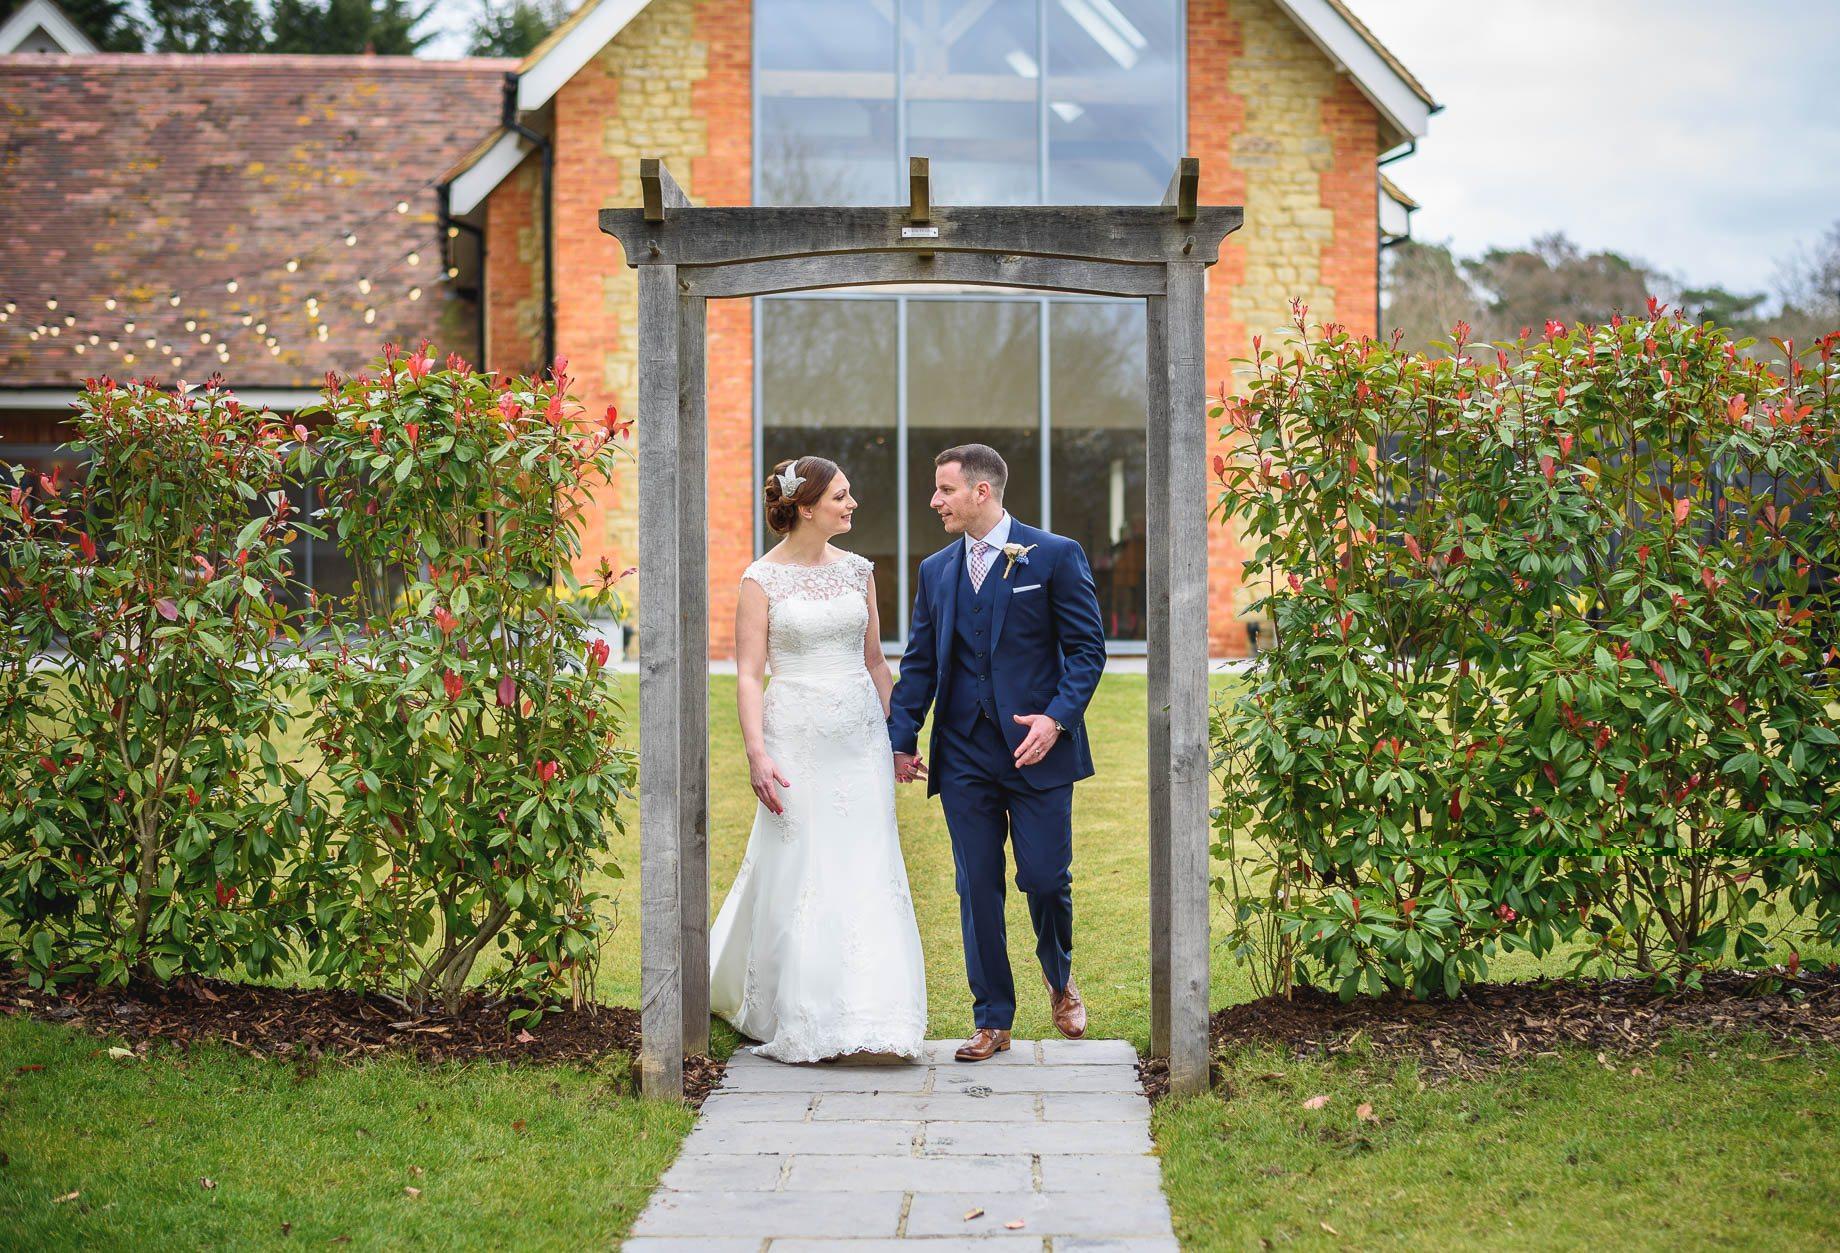 Millbridge Court Wedding Photography - Lisa and Daniel (88 of 173)